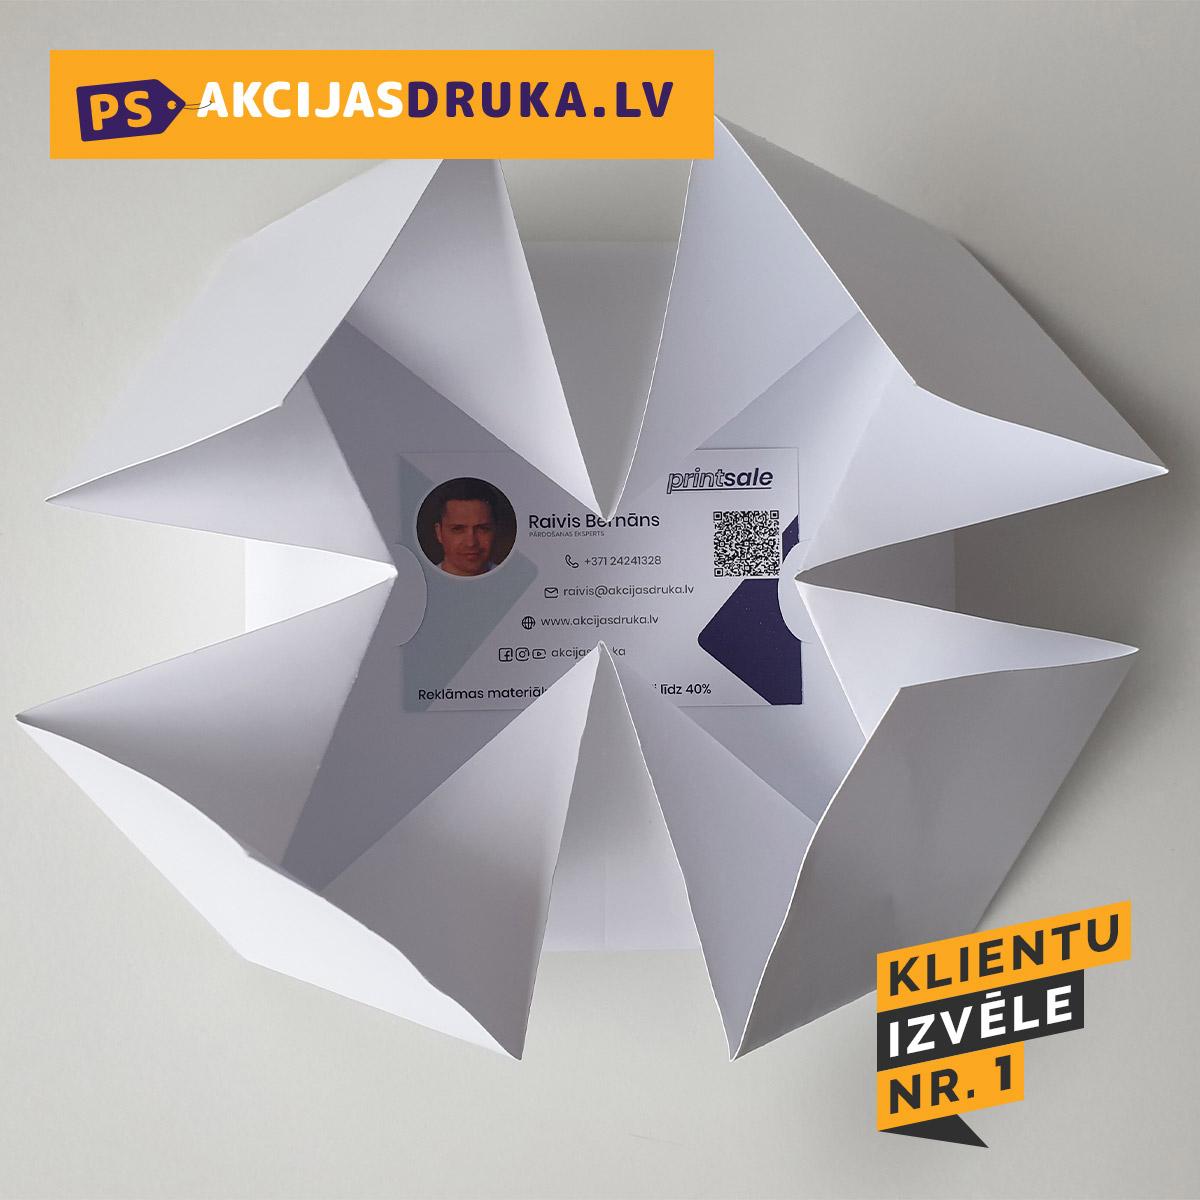 Kartona iepakojums un papīra iepakojums